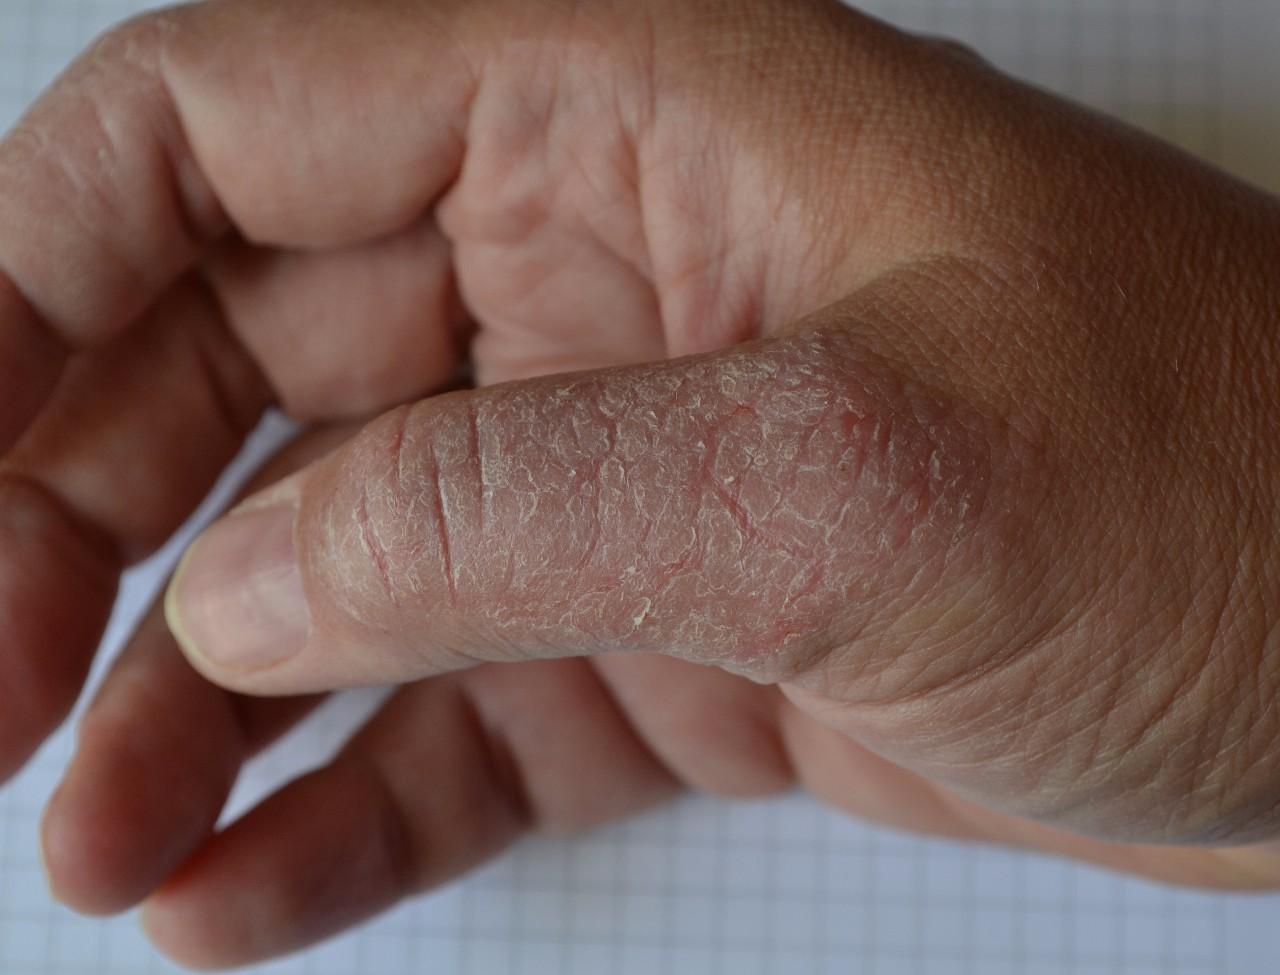 Лечение Псориаза В Санатории Пятигорска